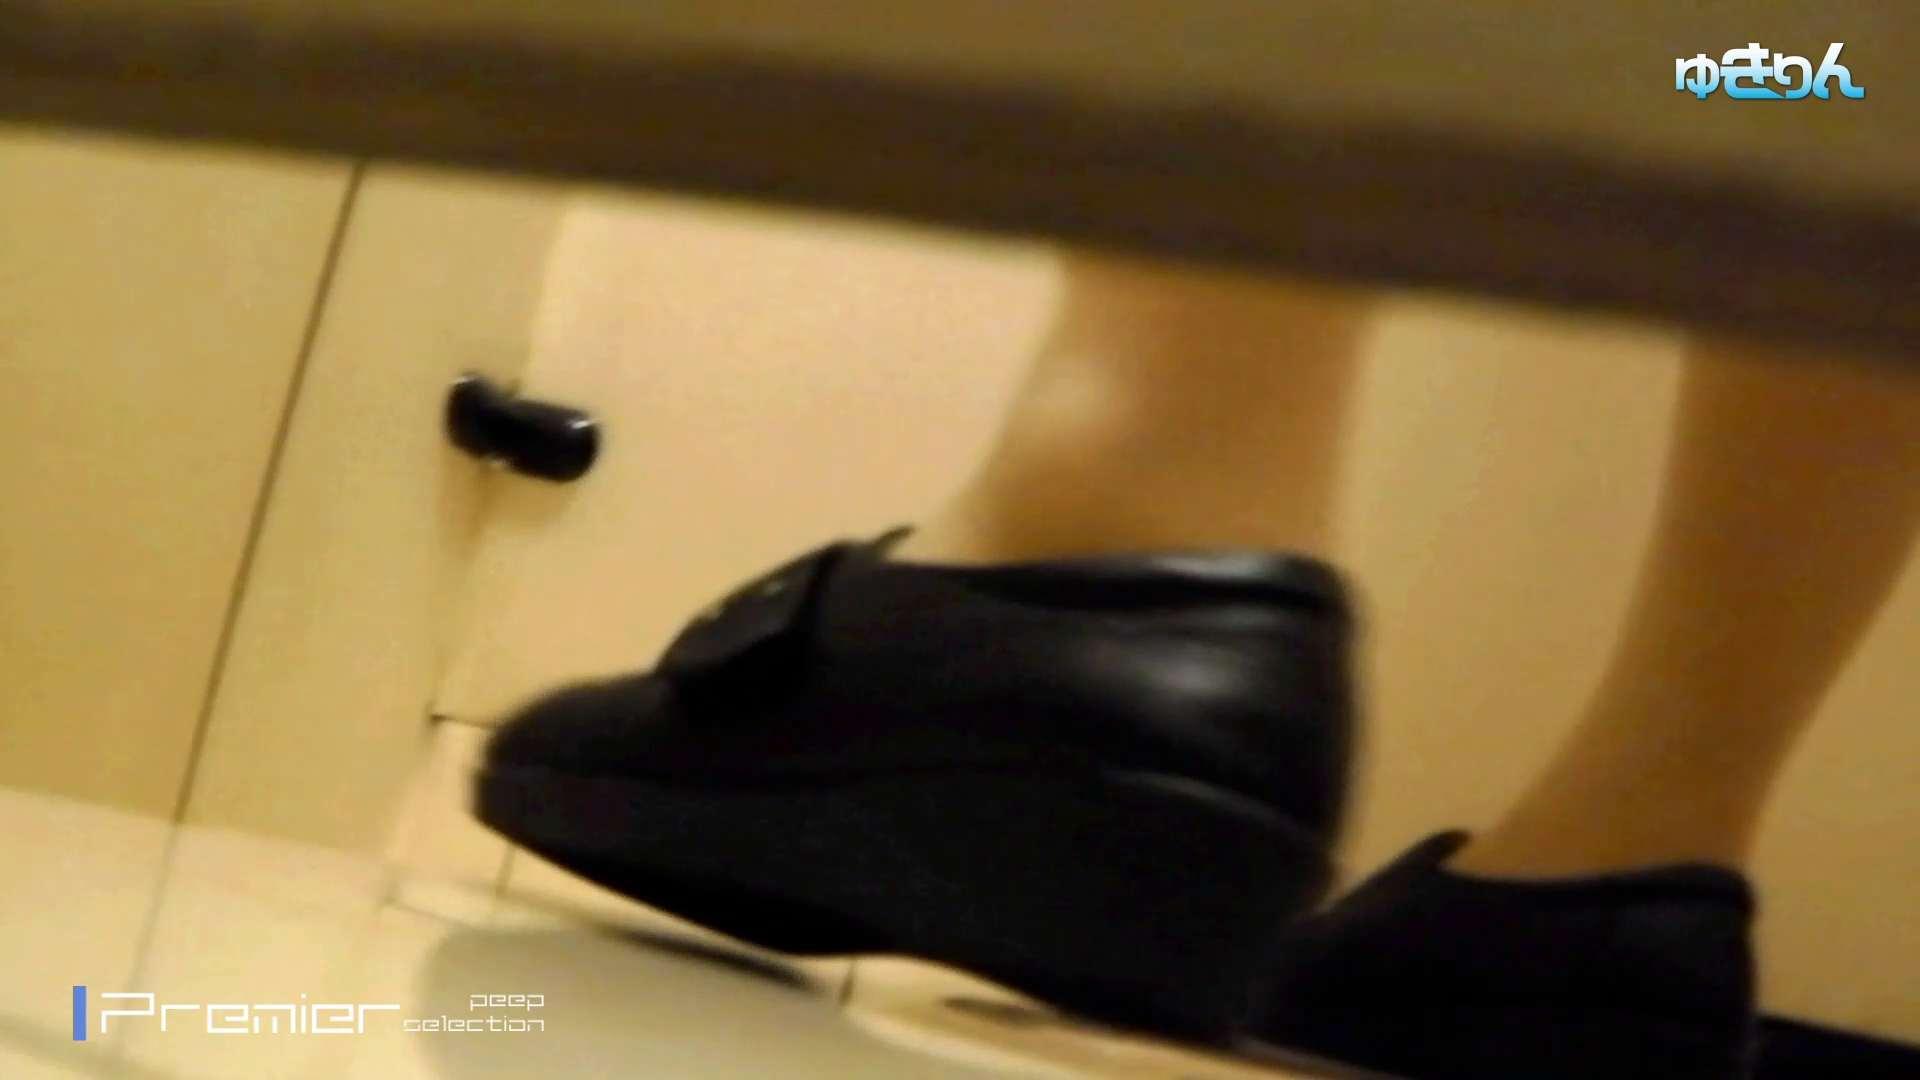 新世界の射窓 No98 キターッ特別に可愛い子の為、外まで粘着追い撮り!! 細身体型 オメコ無修正動画無料 110枚 45